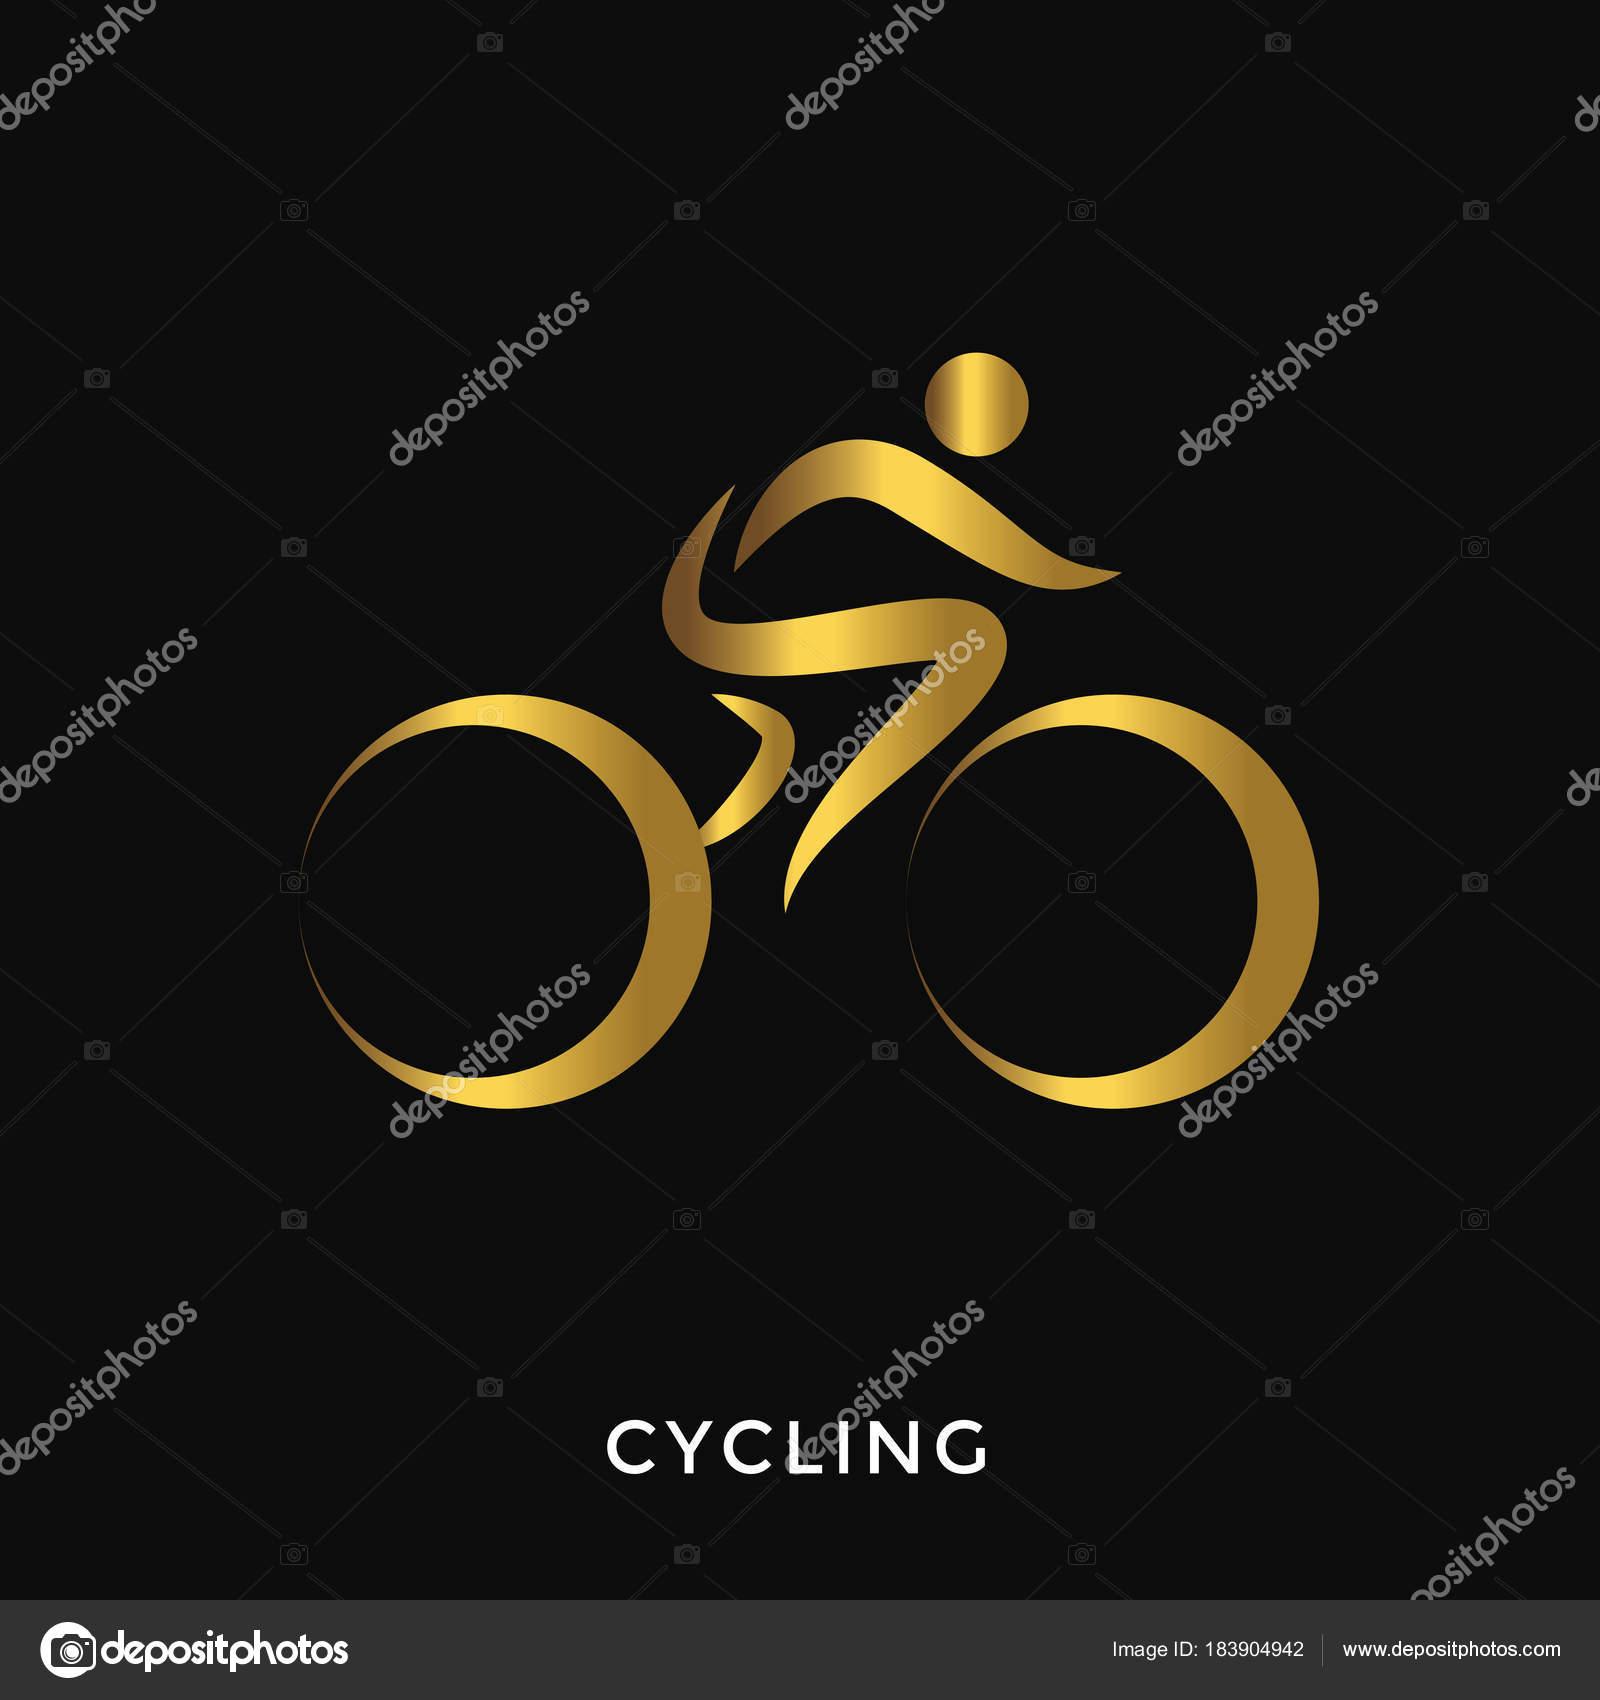 727158ebbc Moderní elegantní zlaté letní sportovní Logo - Cyklistika — Vektor od ...